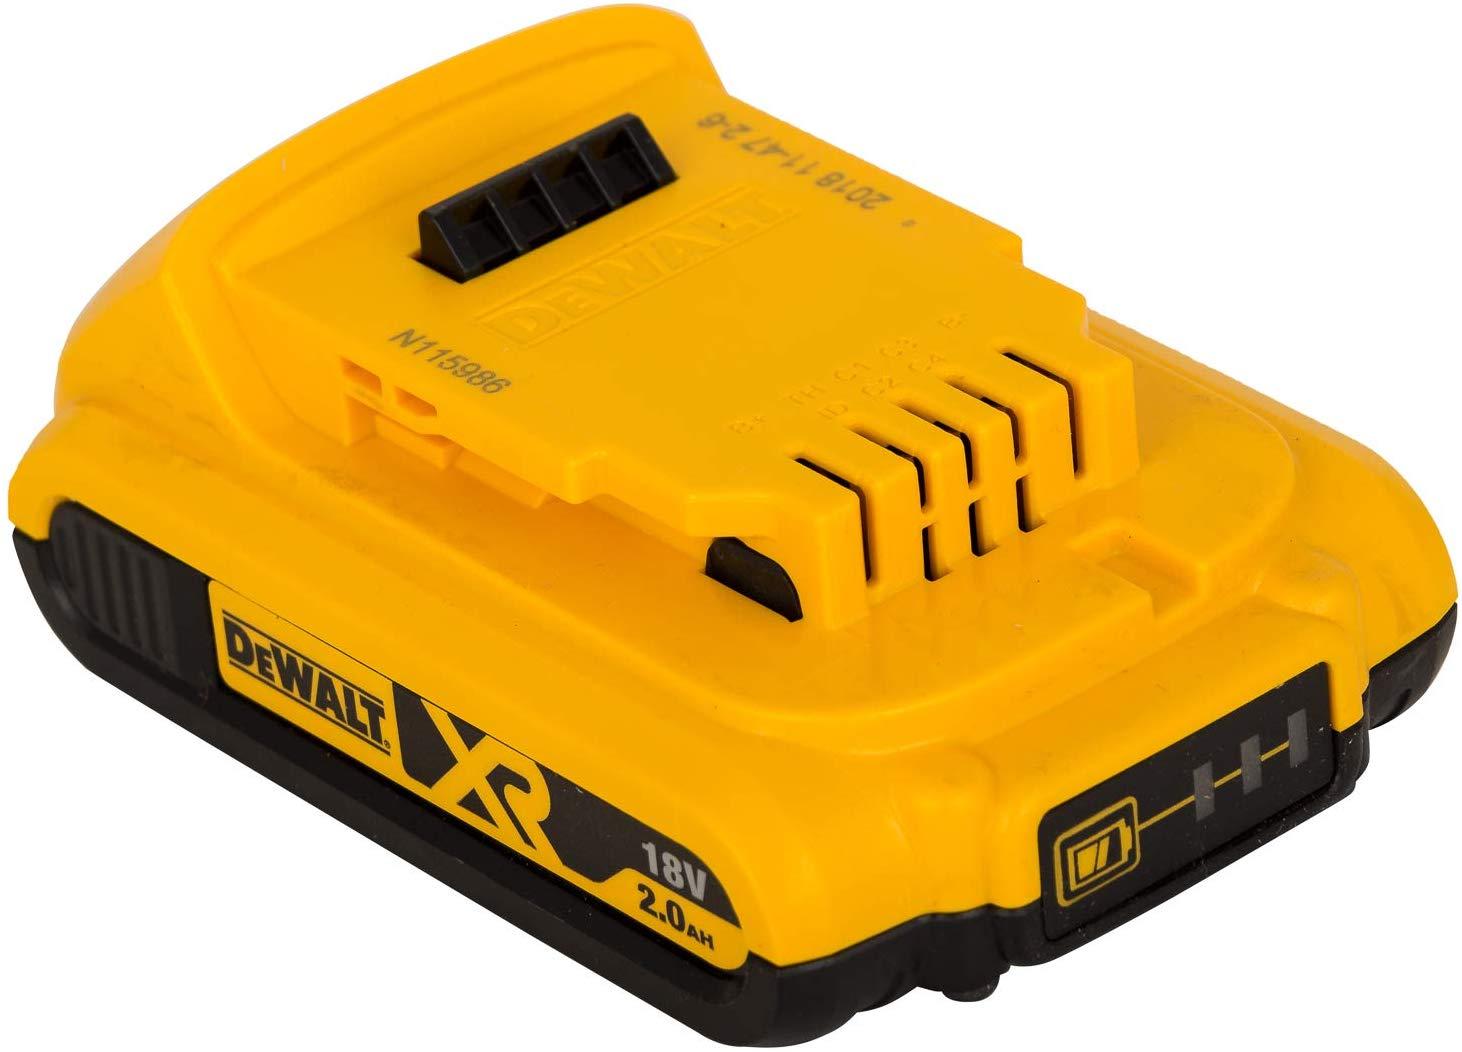 Dewalt DCB183 2 Ah Li-Ion Battery Pack, 18 V -£26.45